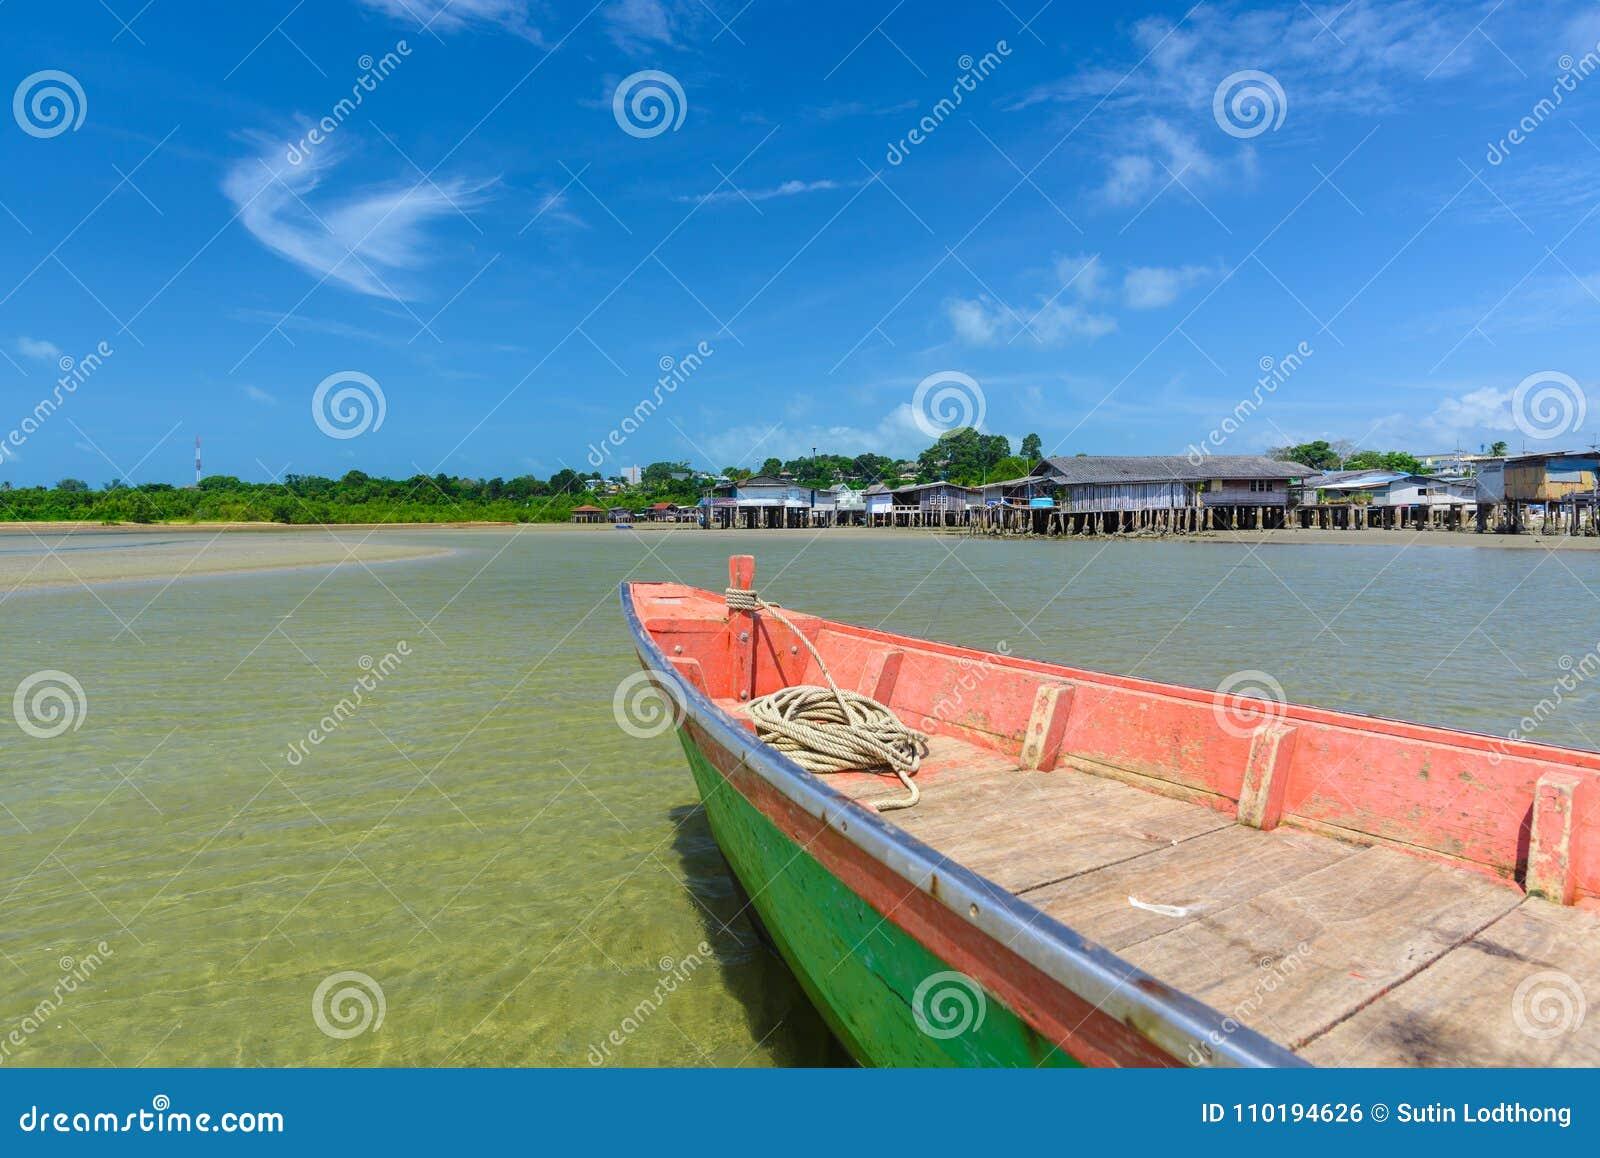 Fiskebåt som parkeras på sjösidan